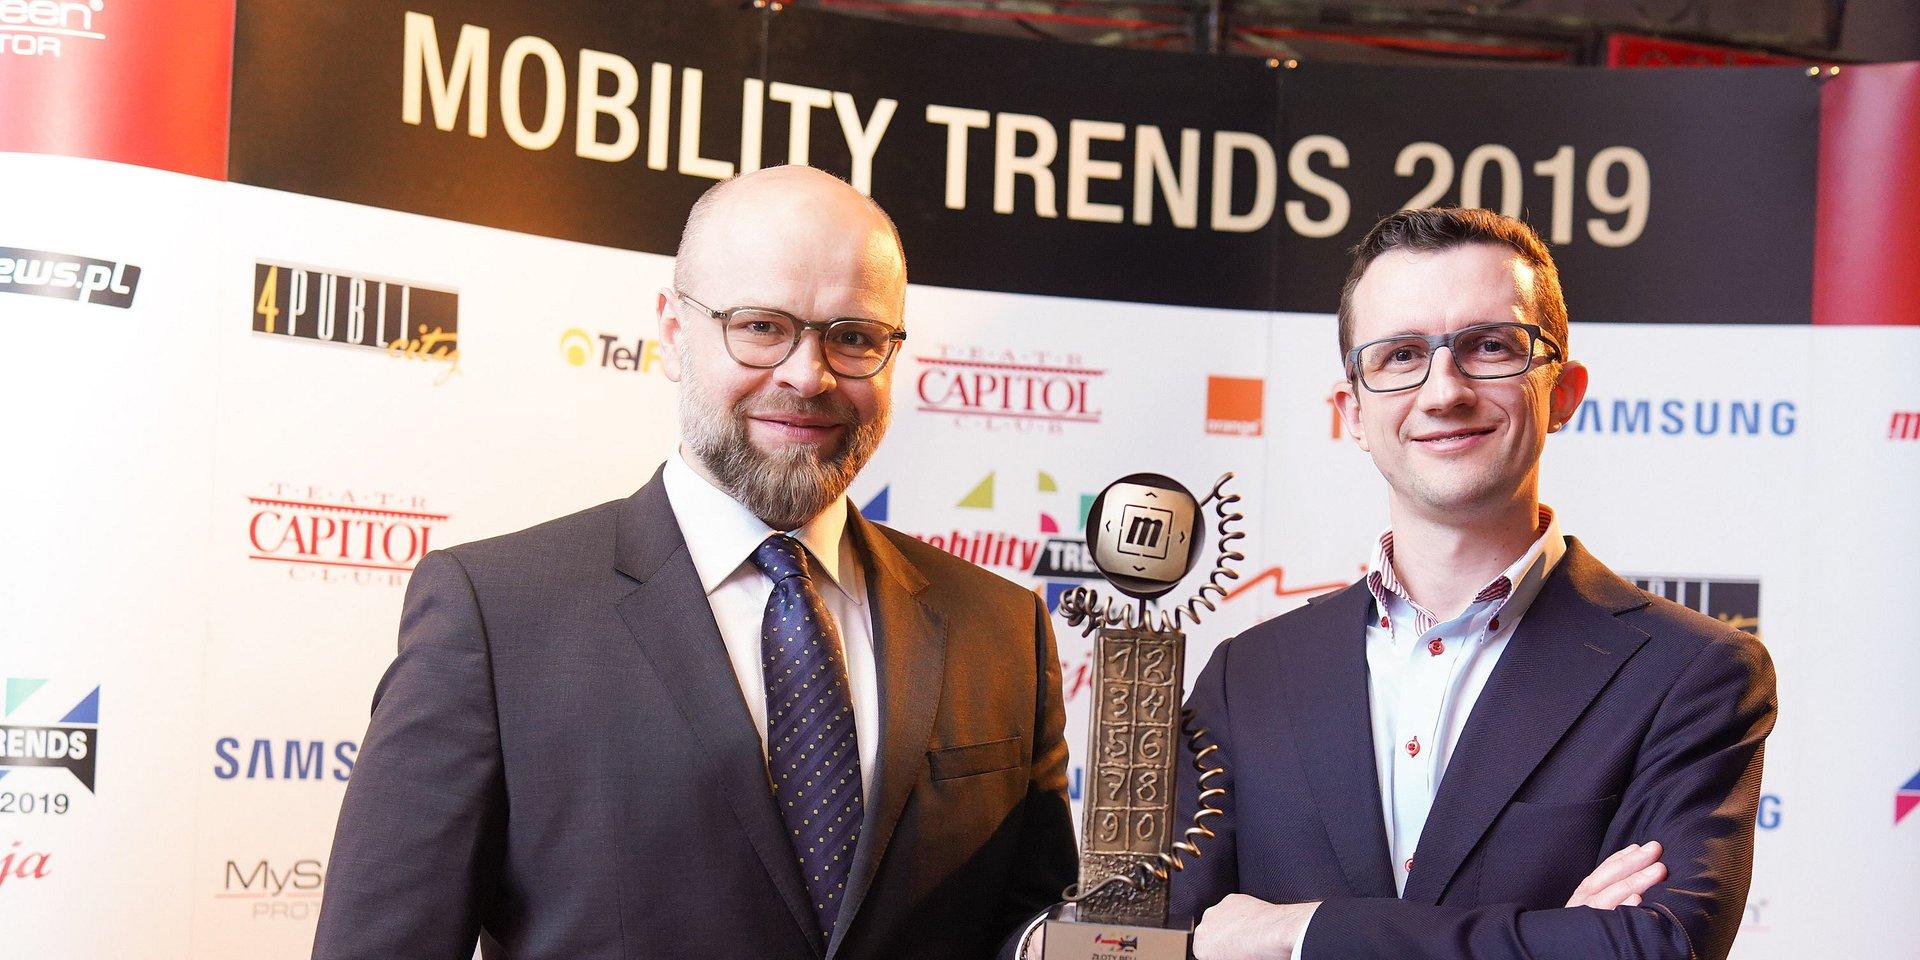 IKO zwycięzcą konkursu Mobility Trends